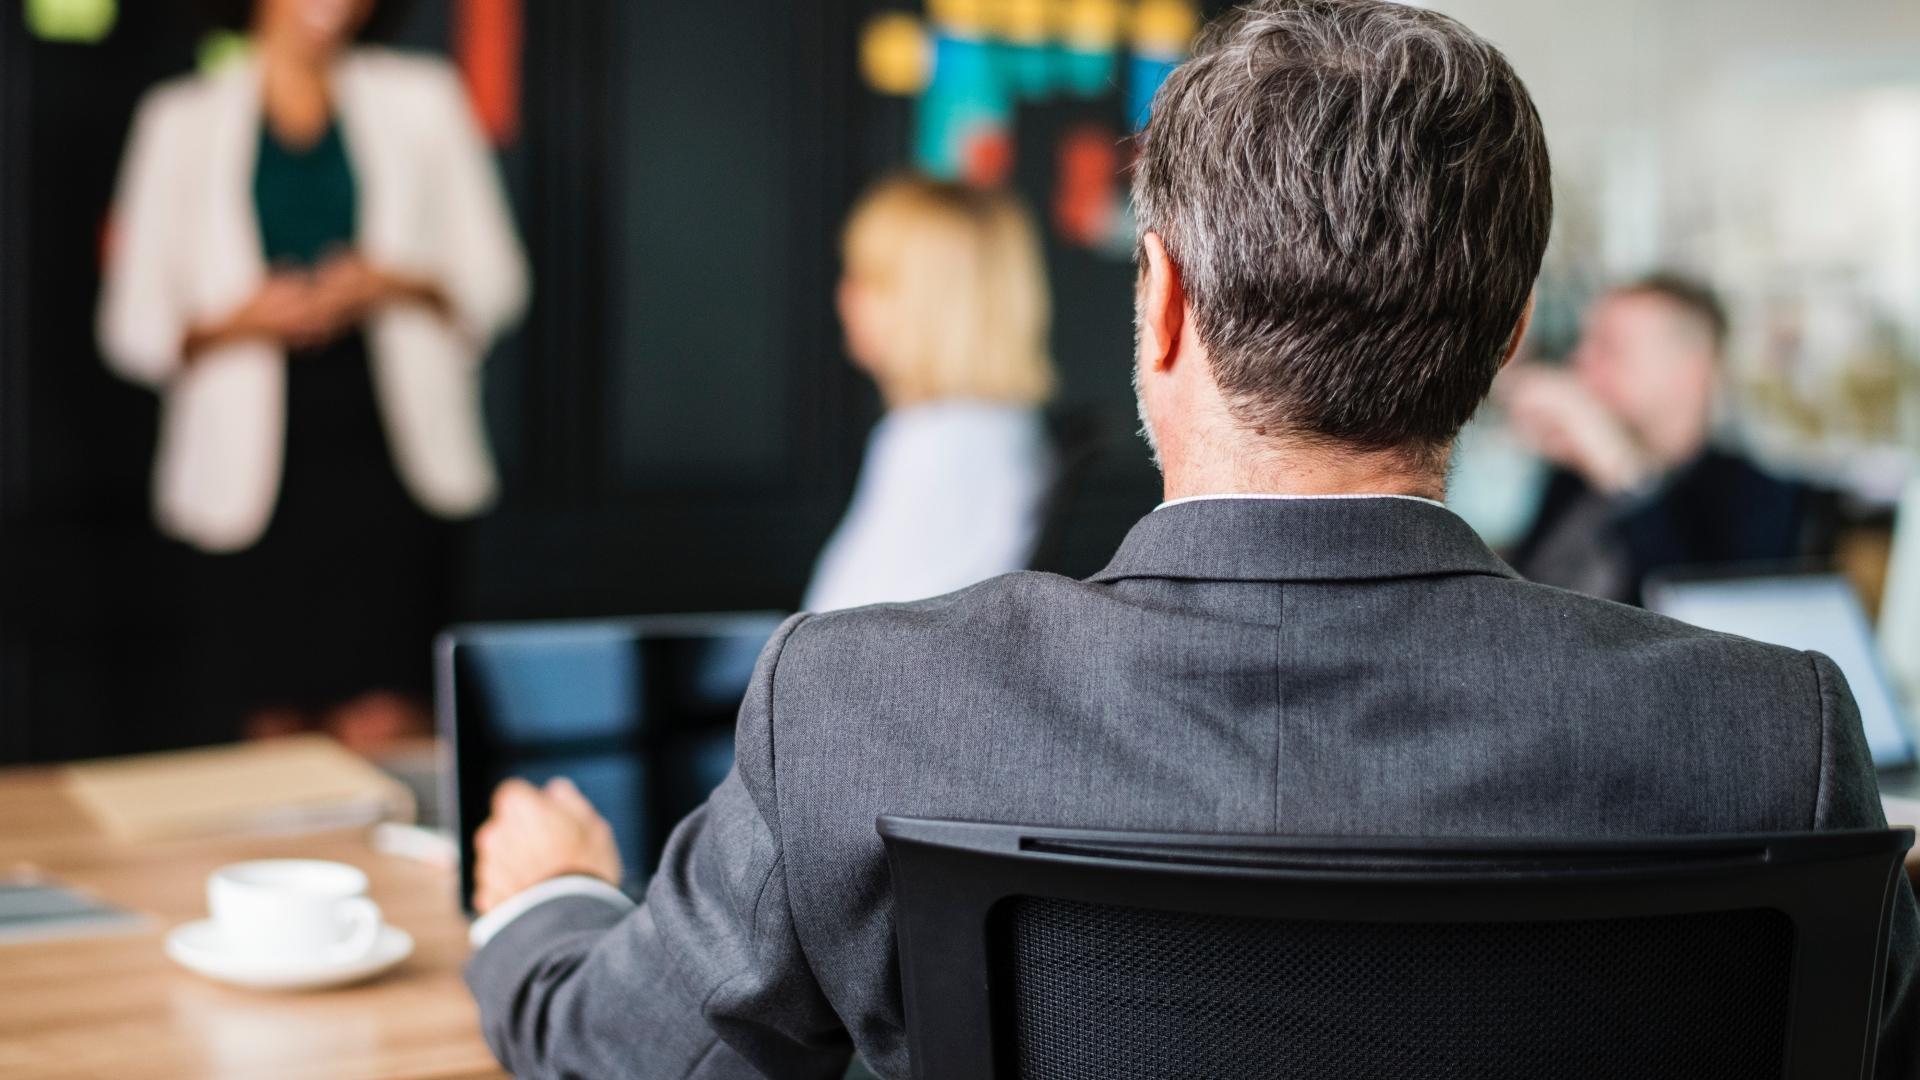 Сотрудники, ощущающие несправедливость на работе, чаще и дольше болеют